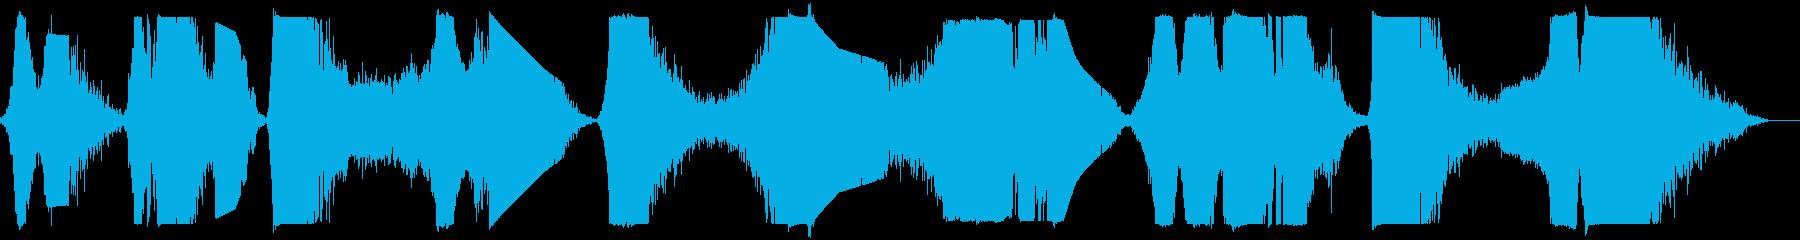 メタルヒット、メタリックスウィッシ...の再生済みの波形